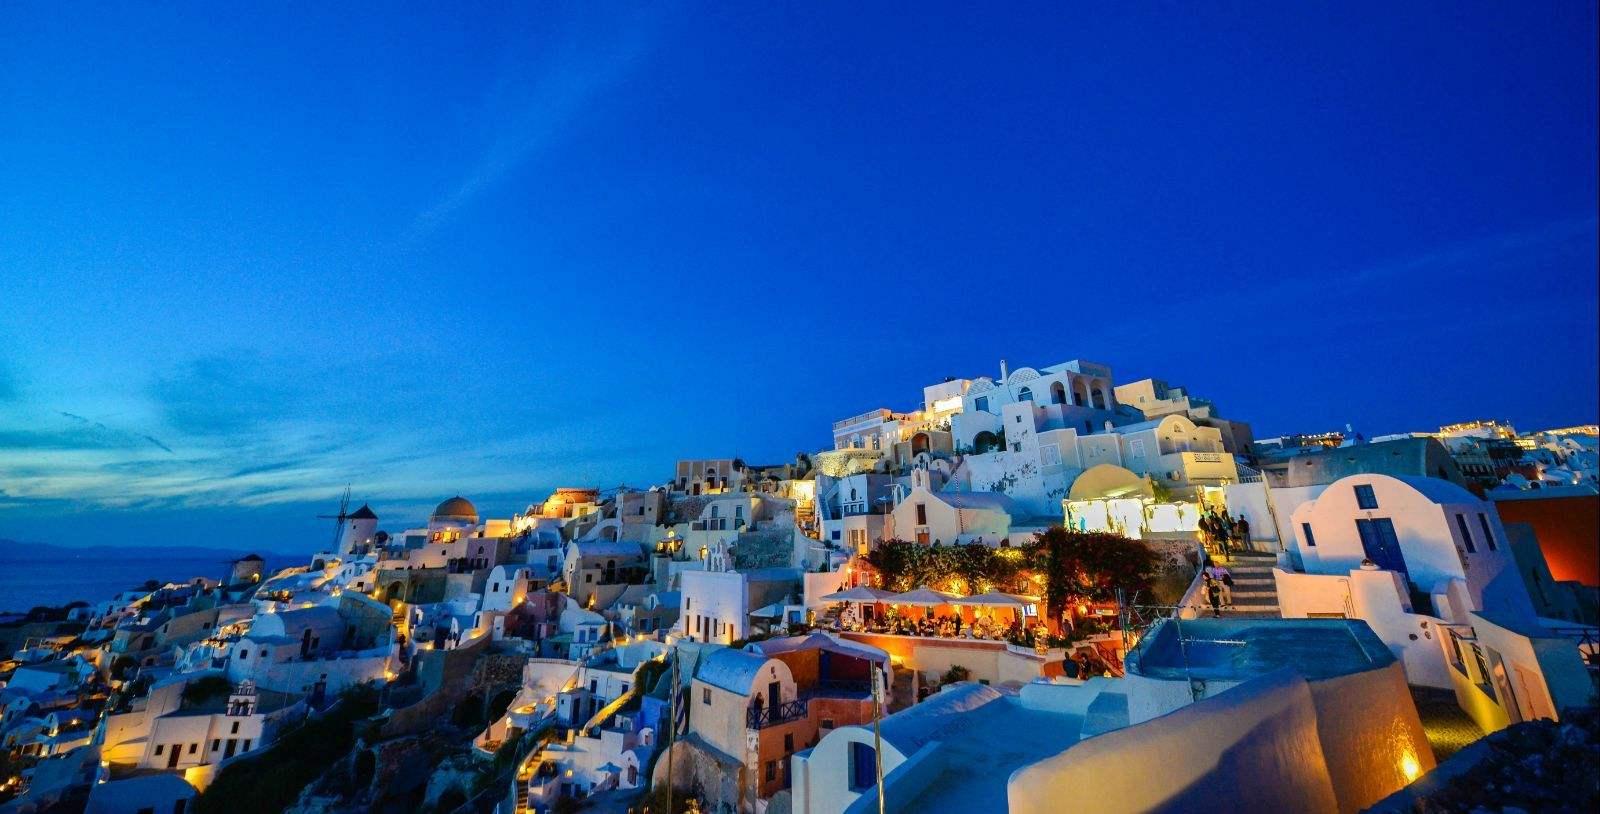 希腊的旅游业再创新高,旅游景点房产价值不断升高